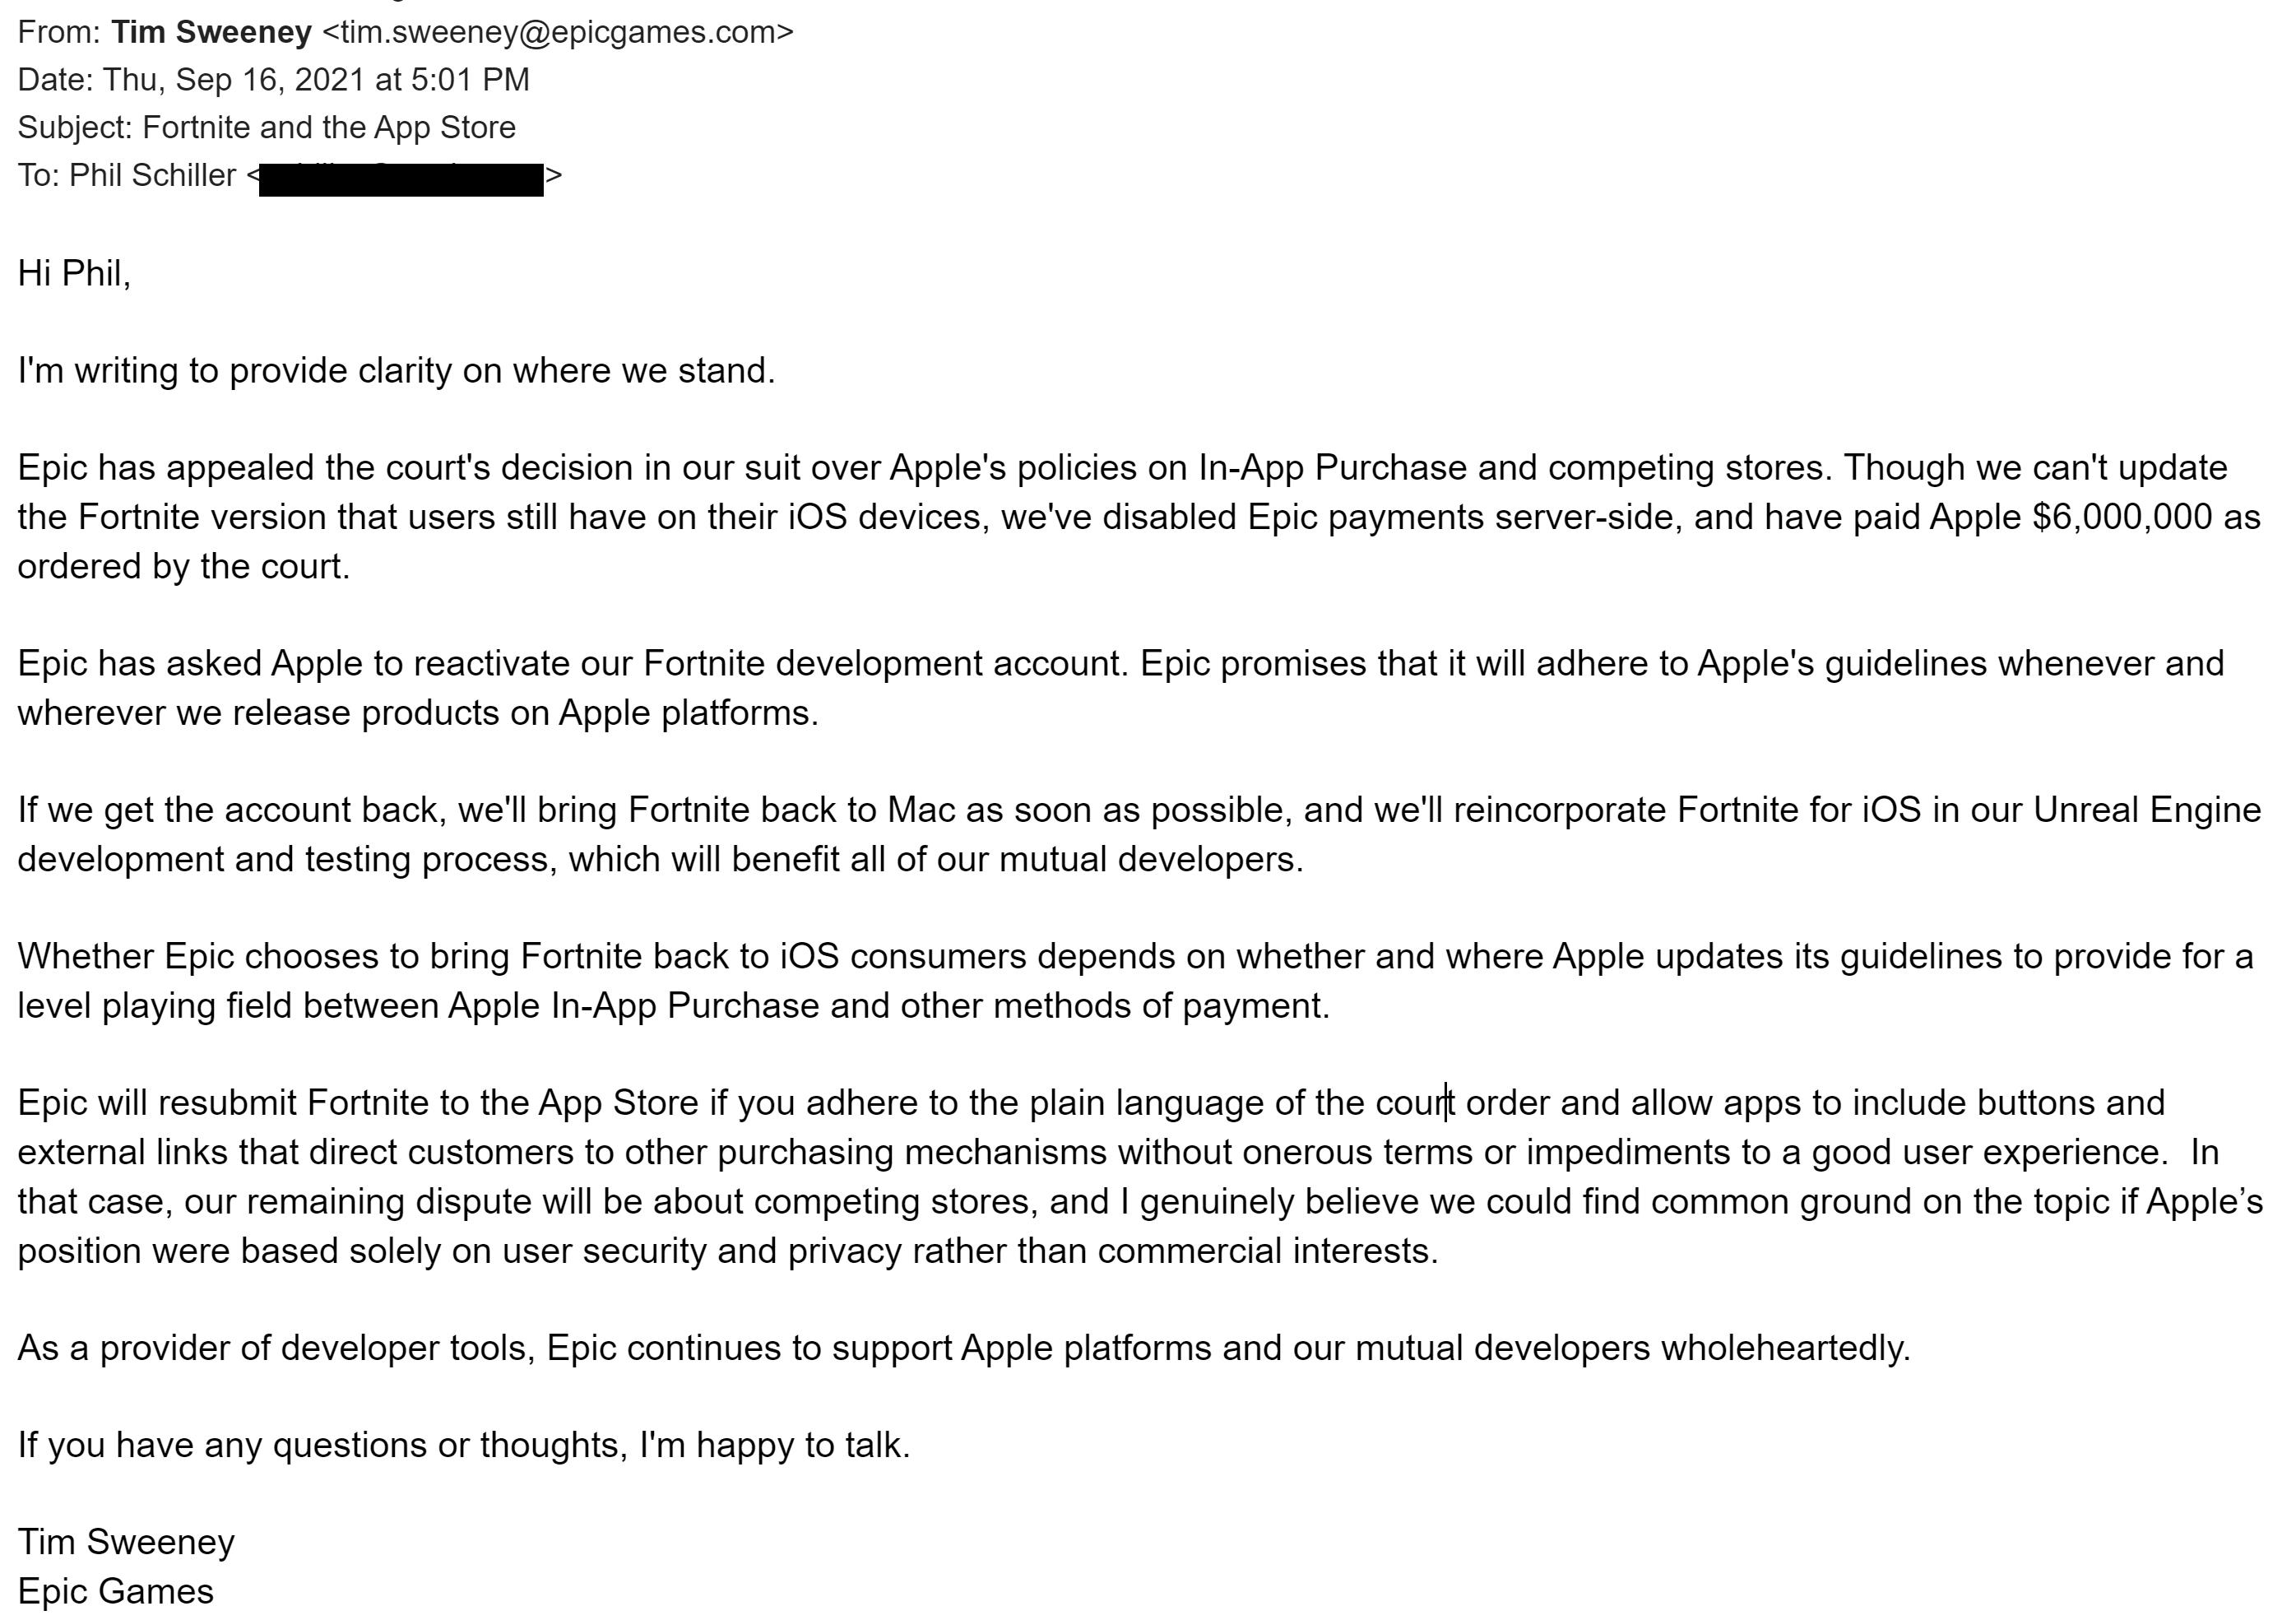 Phil Schiller Letter